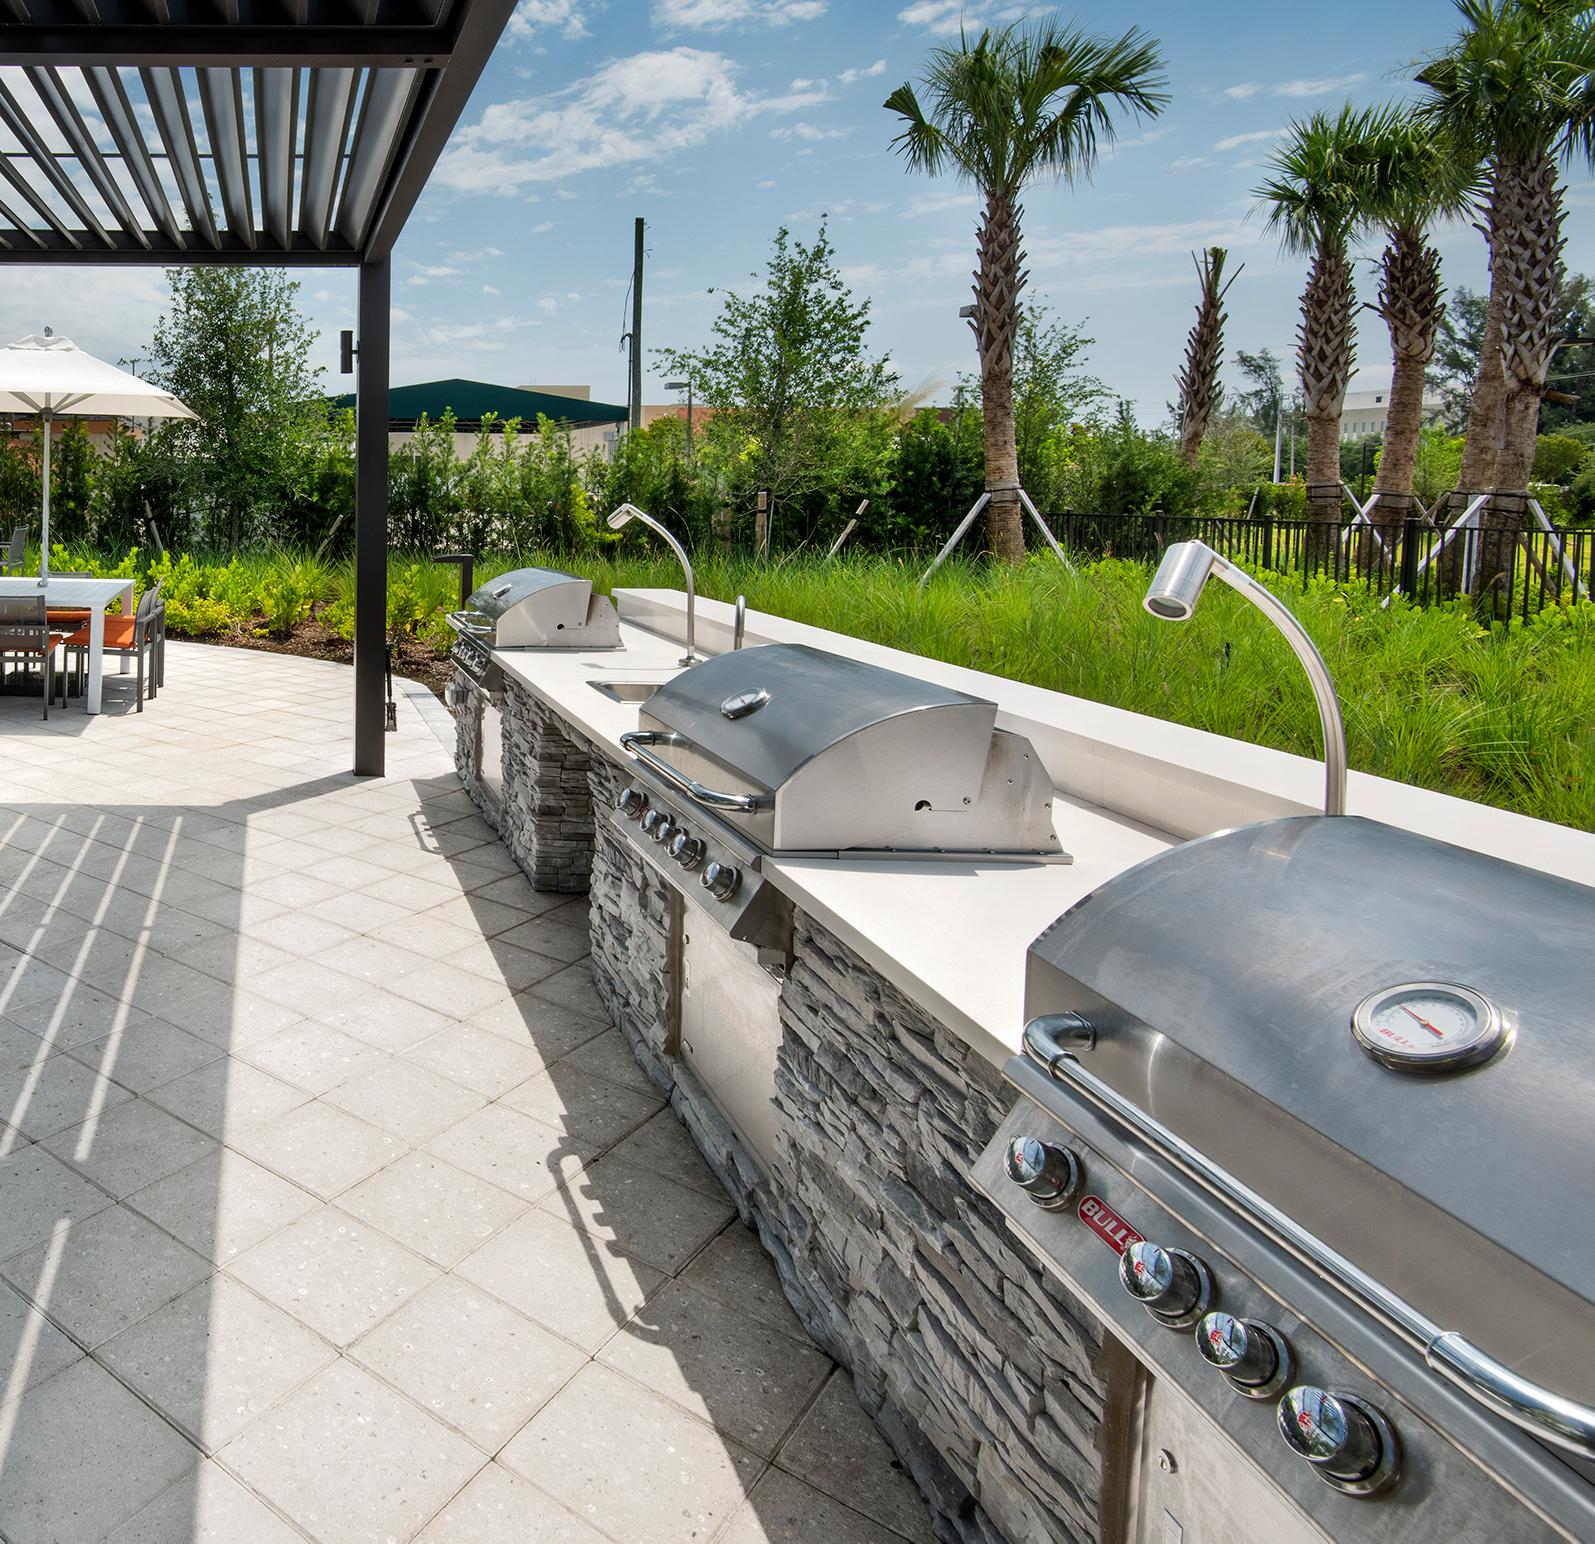 BBQ Grills at Sanctuary Doral